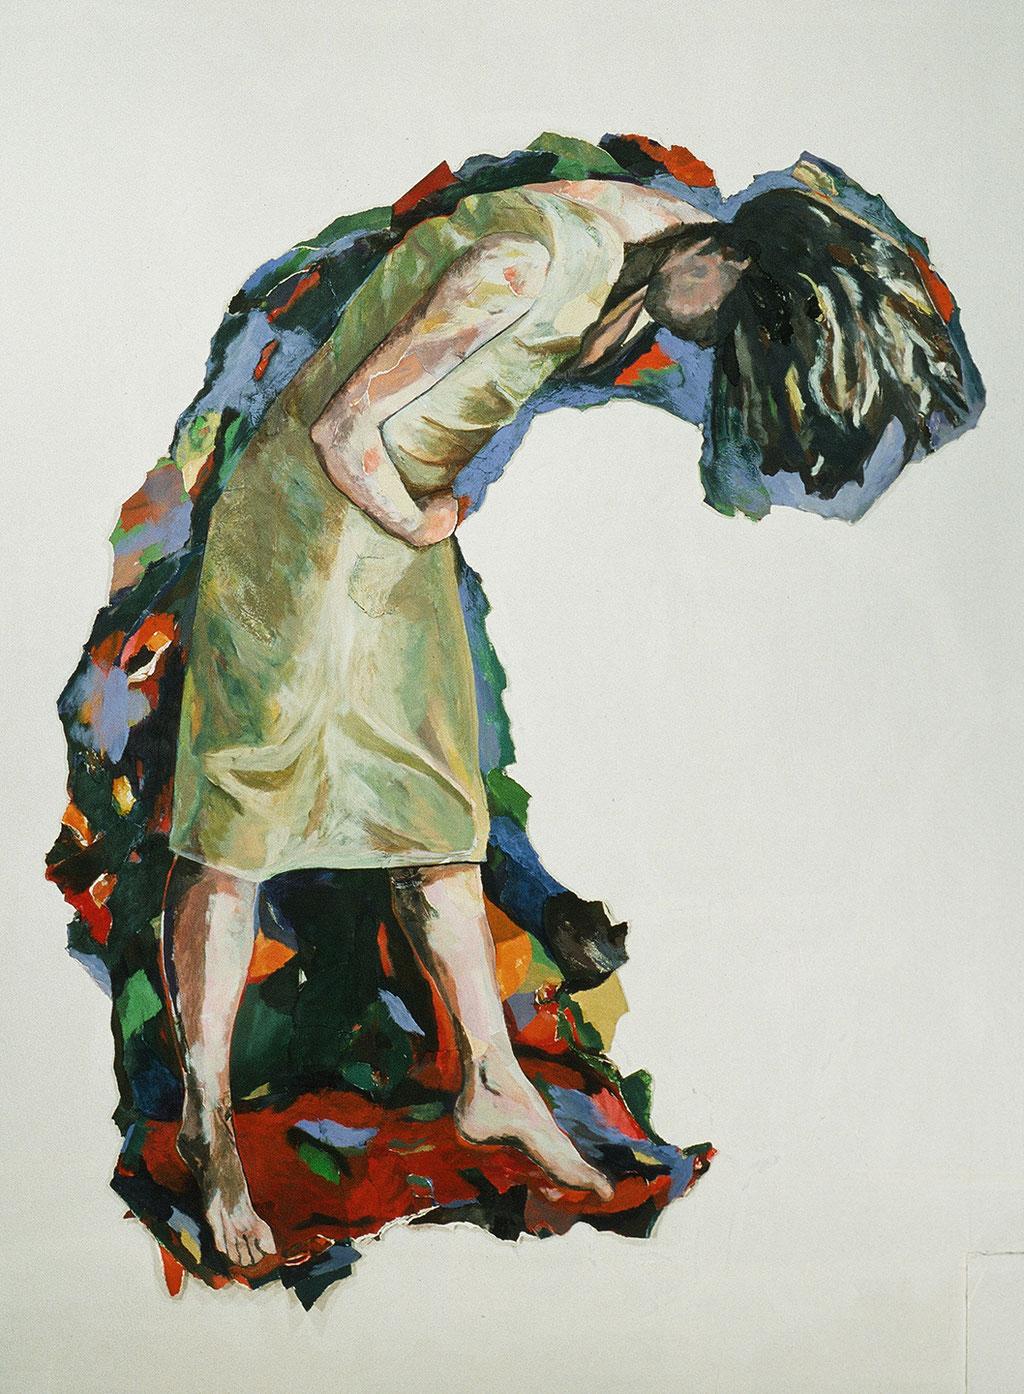 """Sans titre, 1997, 188 x 153 cm - 74"""" x 60"""", acrylique et collage sur toile - acrylic and collage on canvas."""